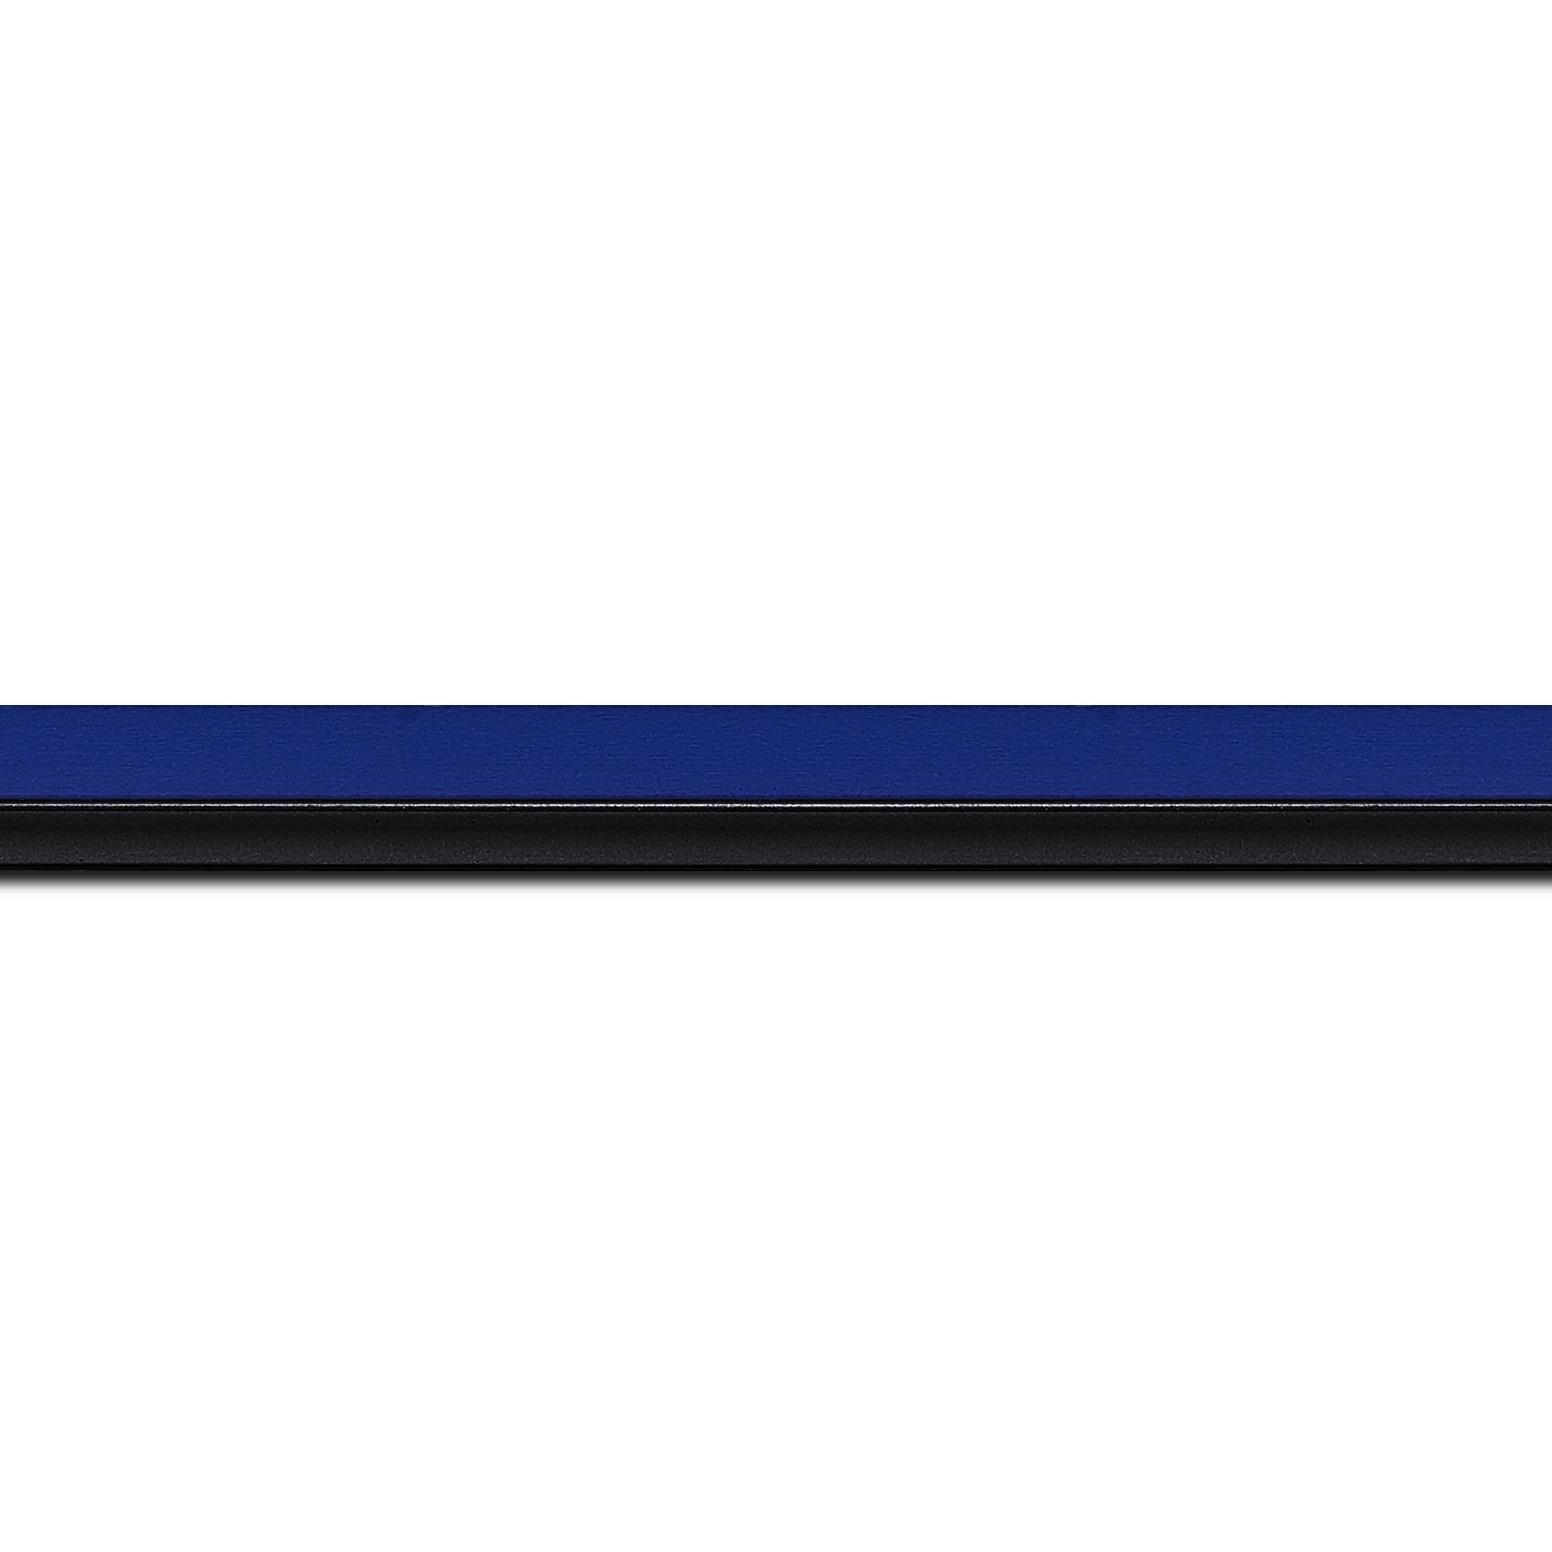 Baguette longueur 1.40m bois profil plat largeur 1.6cm couleur bleu franc filet noir en retrait de la face du cadre de 6mm assurant un effet très original